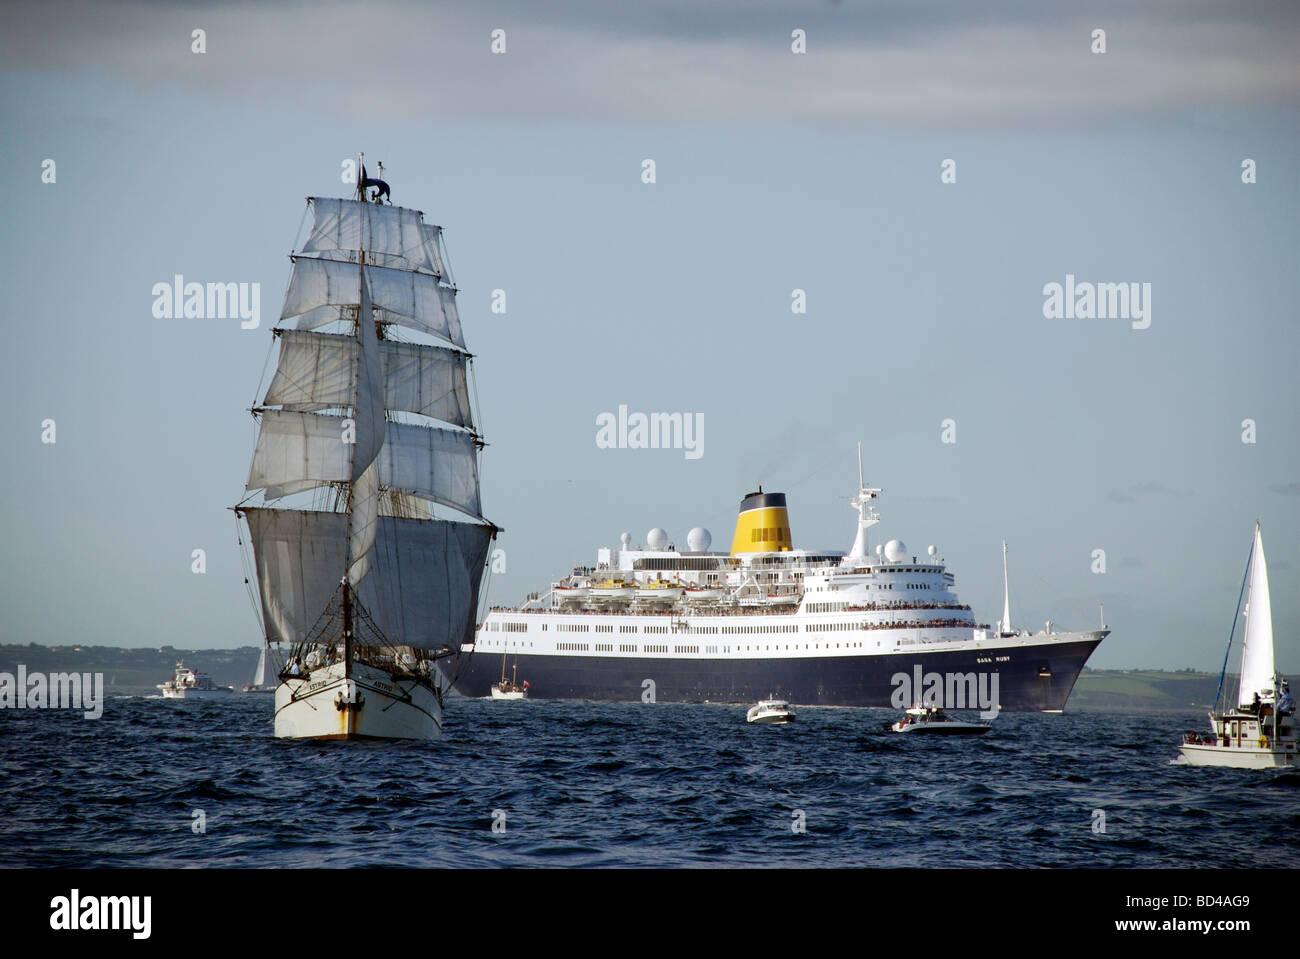 The Astrid Brig Ship And Saga Ruby Cruise Ship Funchal 500 Tall Stock Photo Royalty Free Image ...